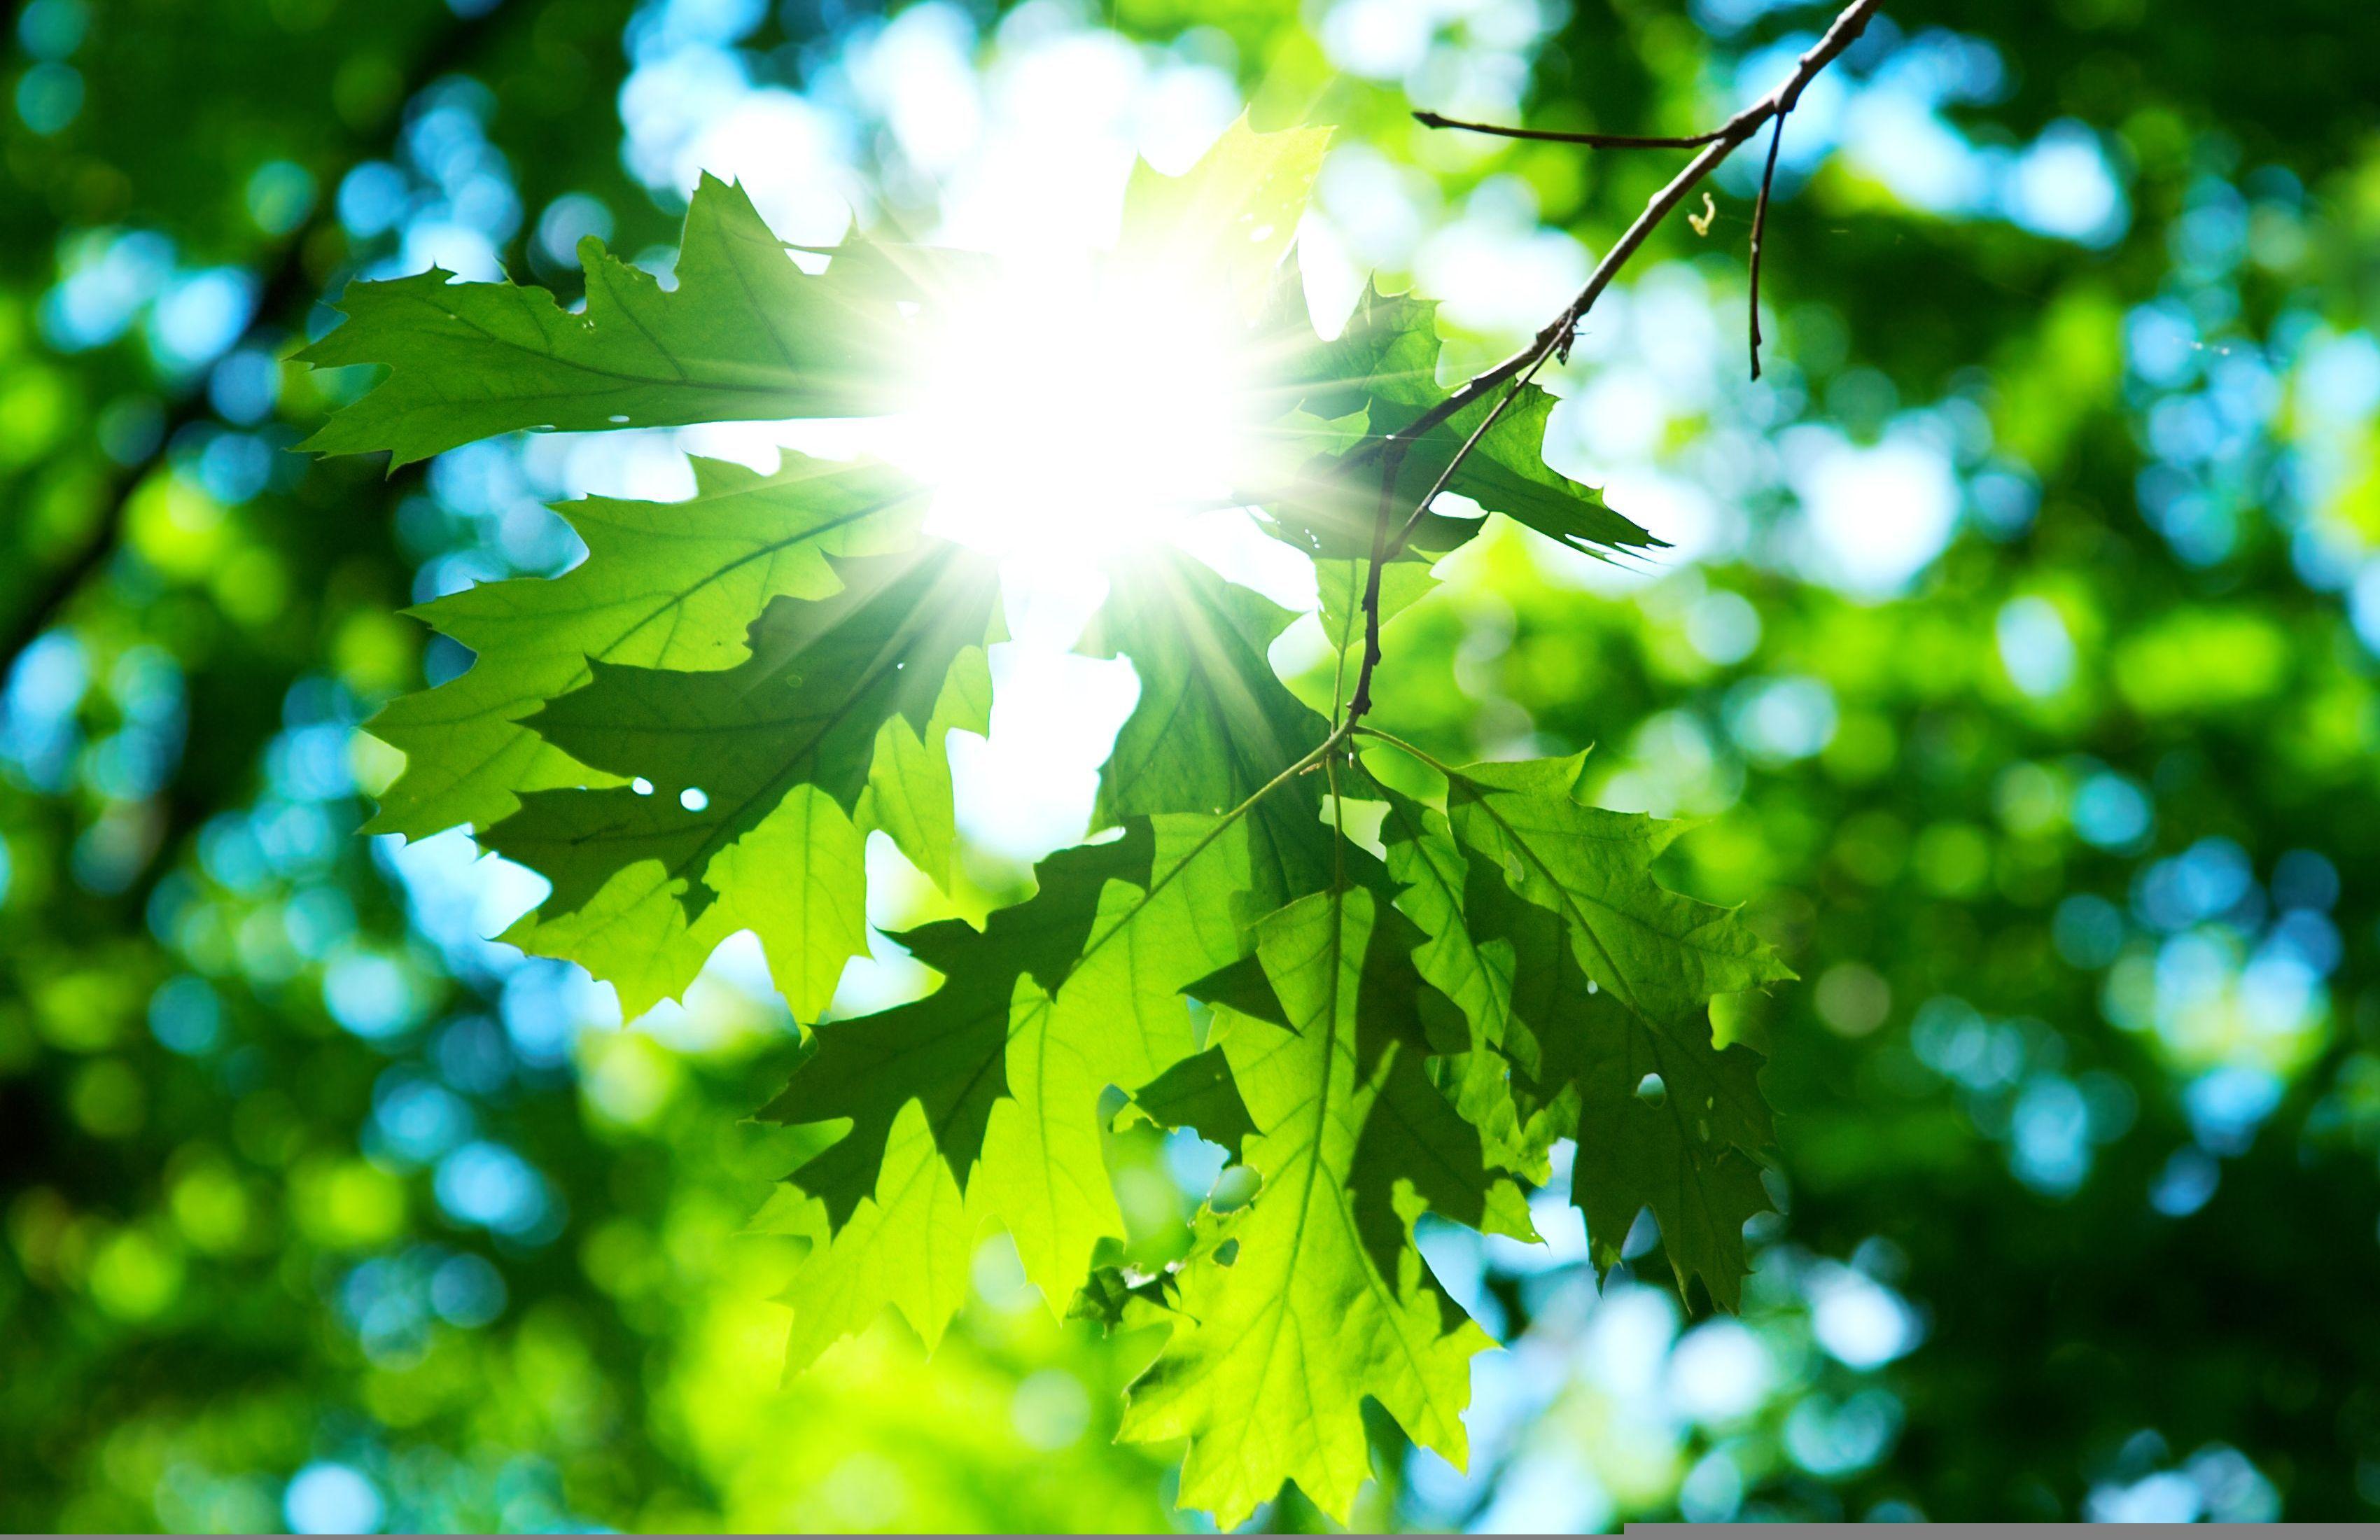 Лучи света сквозь листья  № 3096072 бесплатно